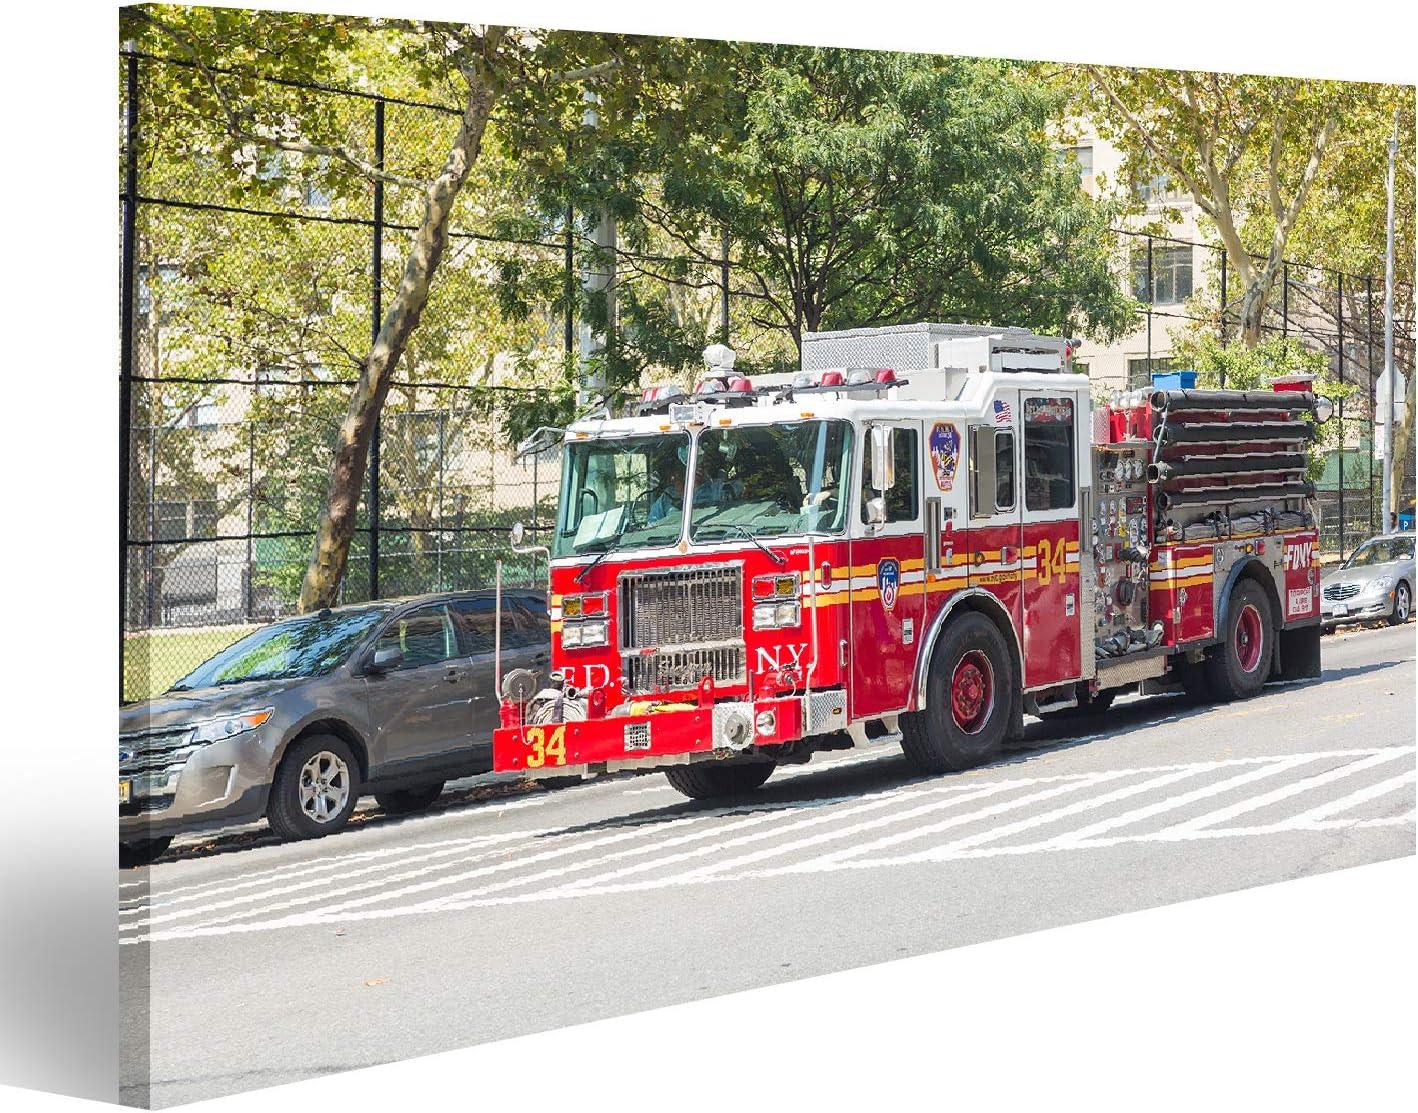 20 AO/ÛT 2014 : Camion de pompiers FDNY sur la 9/ème avenue de Manhattan Tableau Tableaux sur toile NEW YORK Impres FDNY fournit des services dincendie et de secours durgence /ÉTATS-UNIS